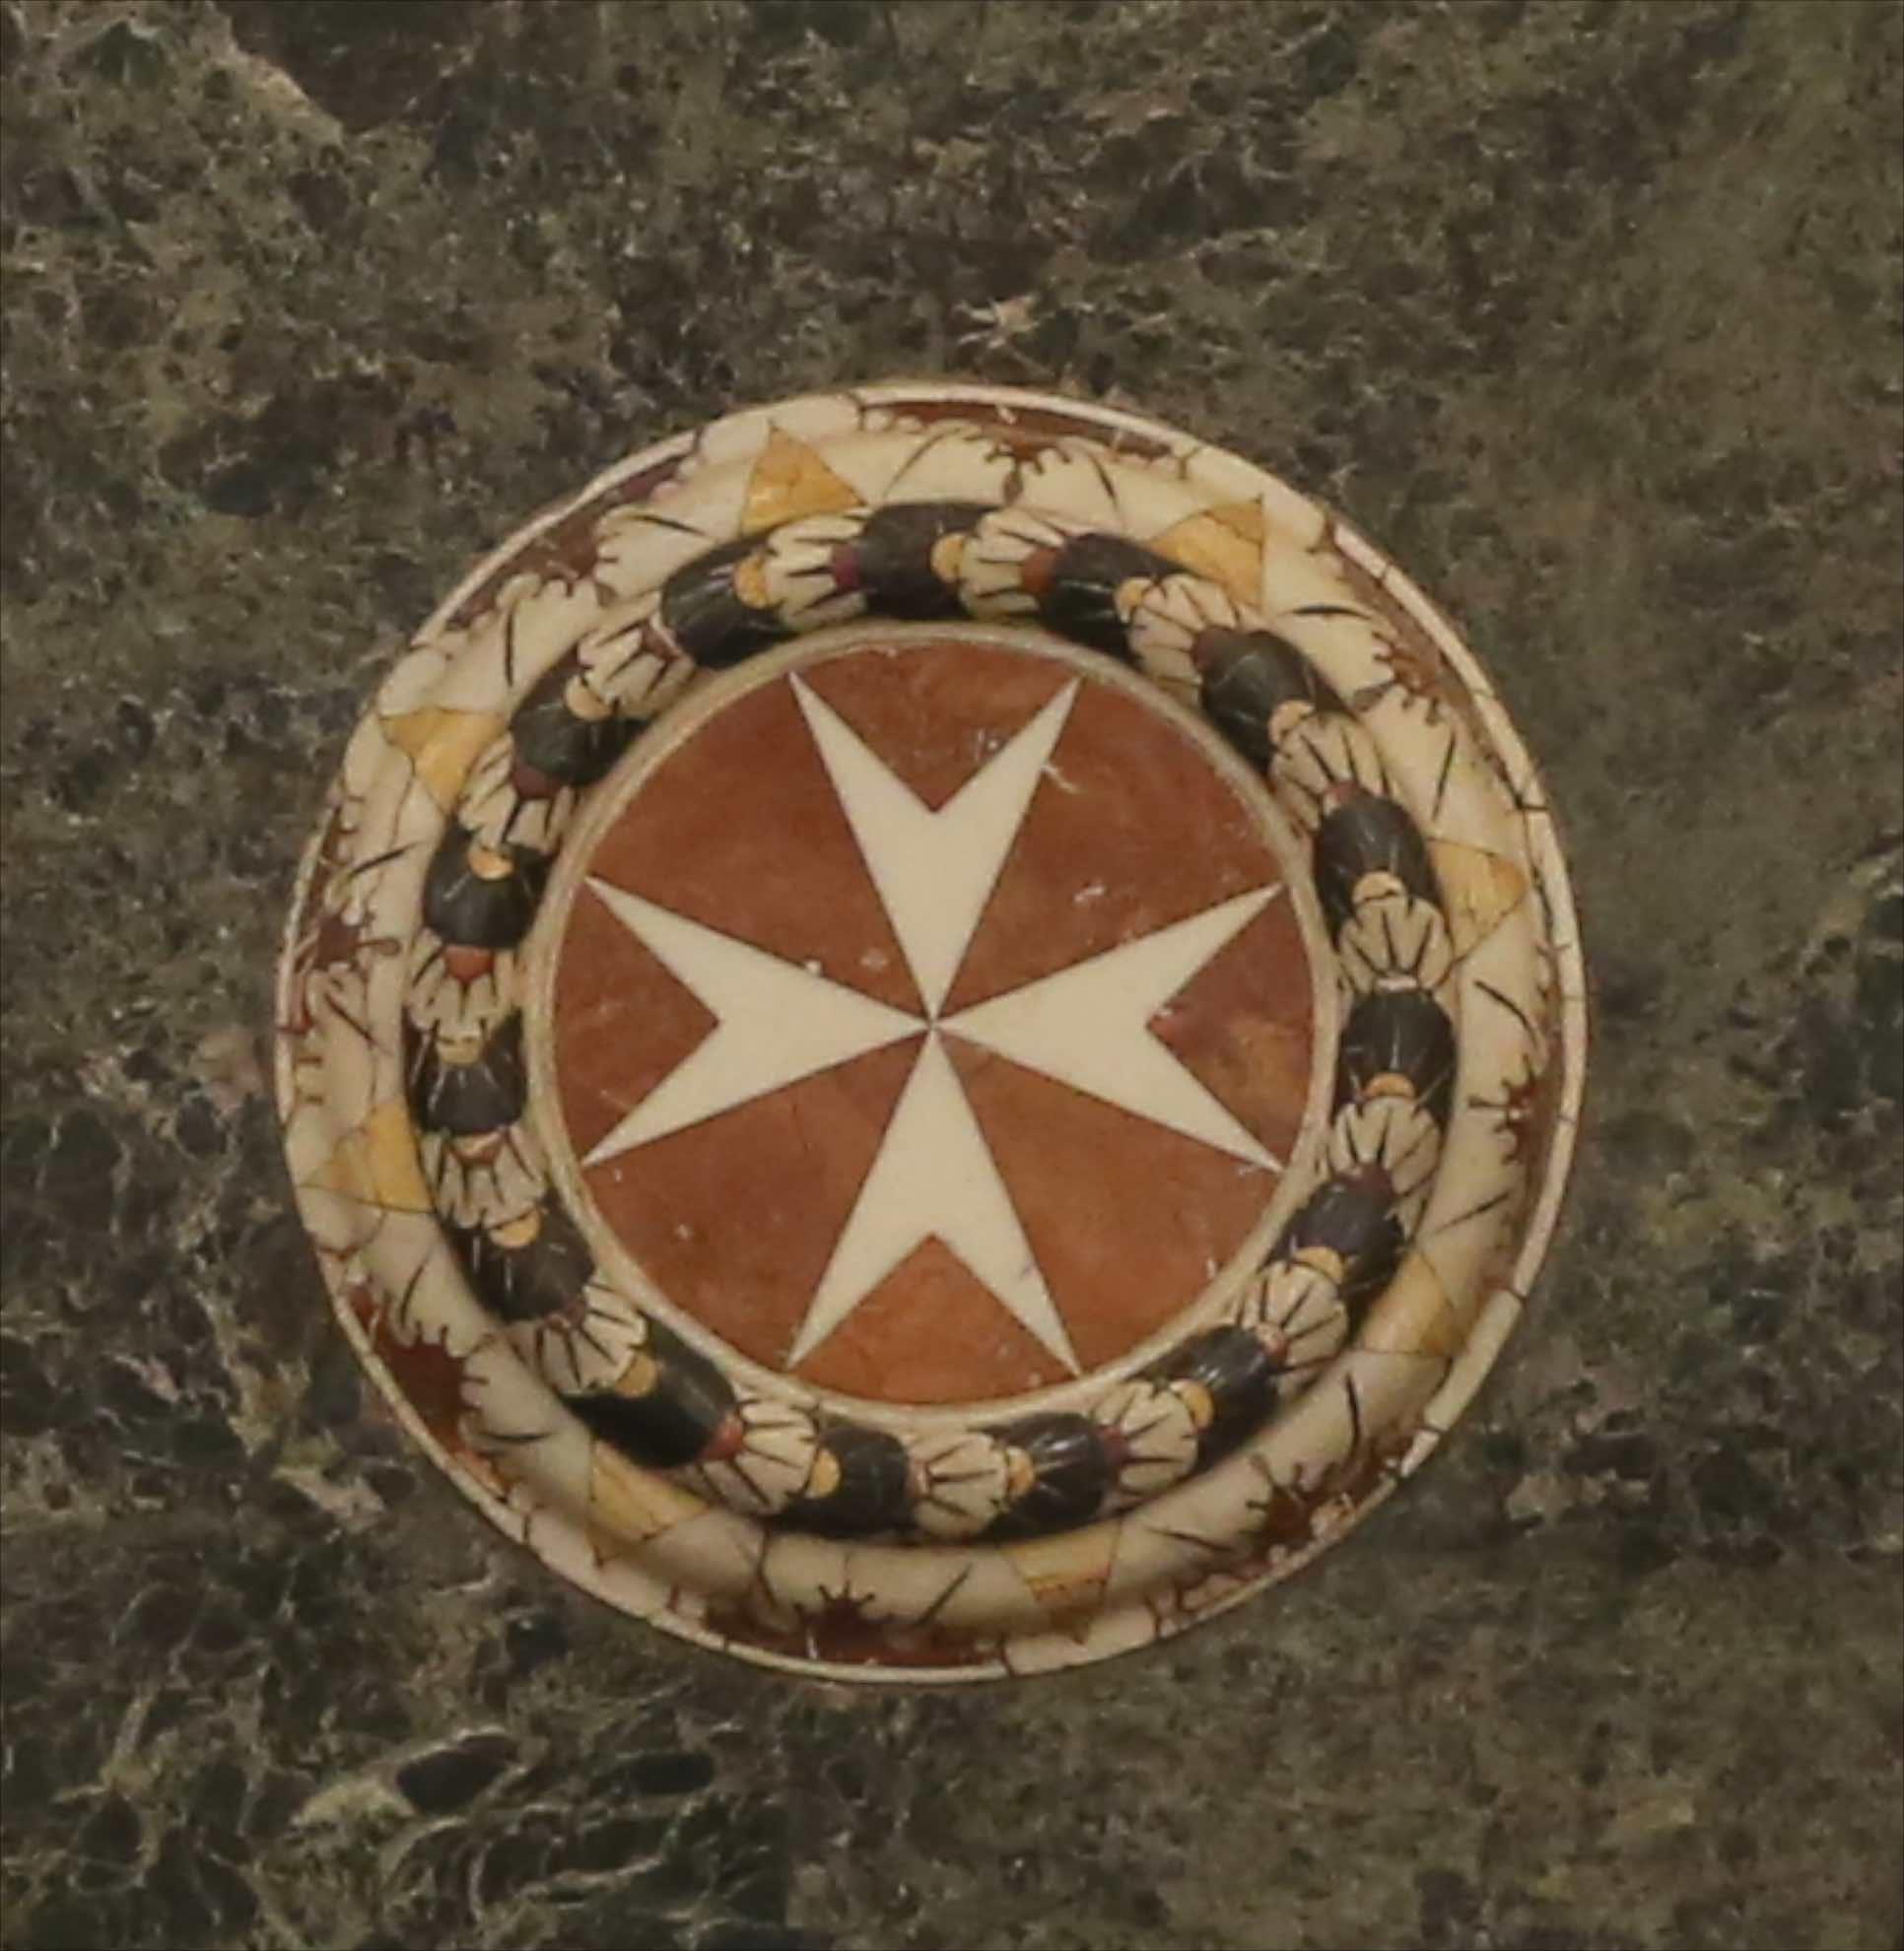 Die acht Spitzen des Malteserkreuzes symbolisieren die acht Herkunftsregionen der Ritter des Malteserordens.